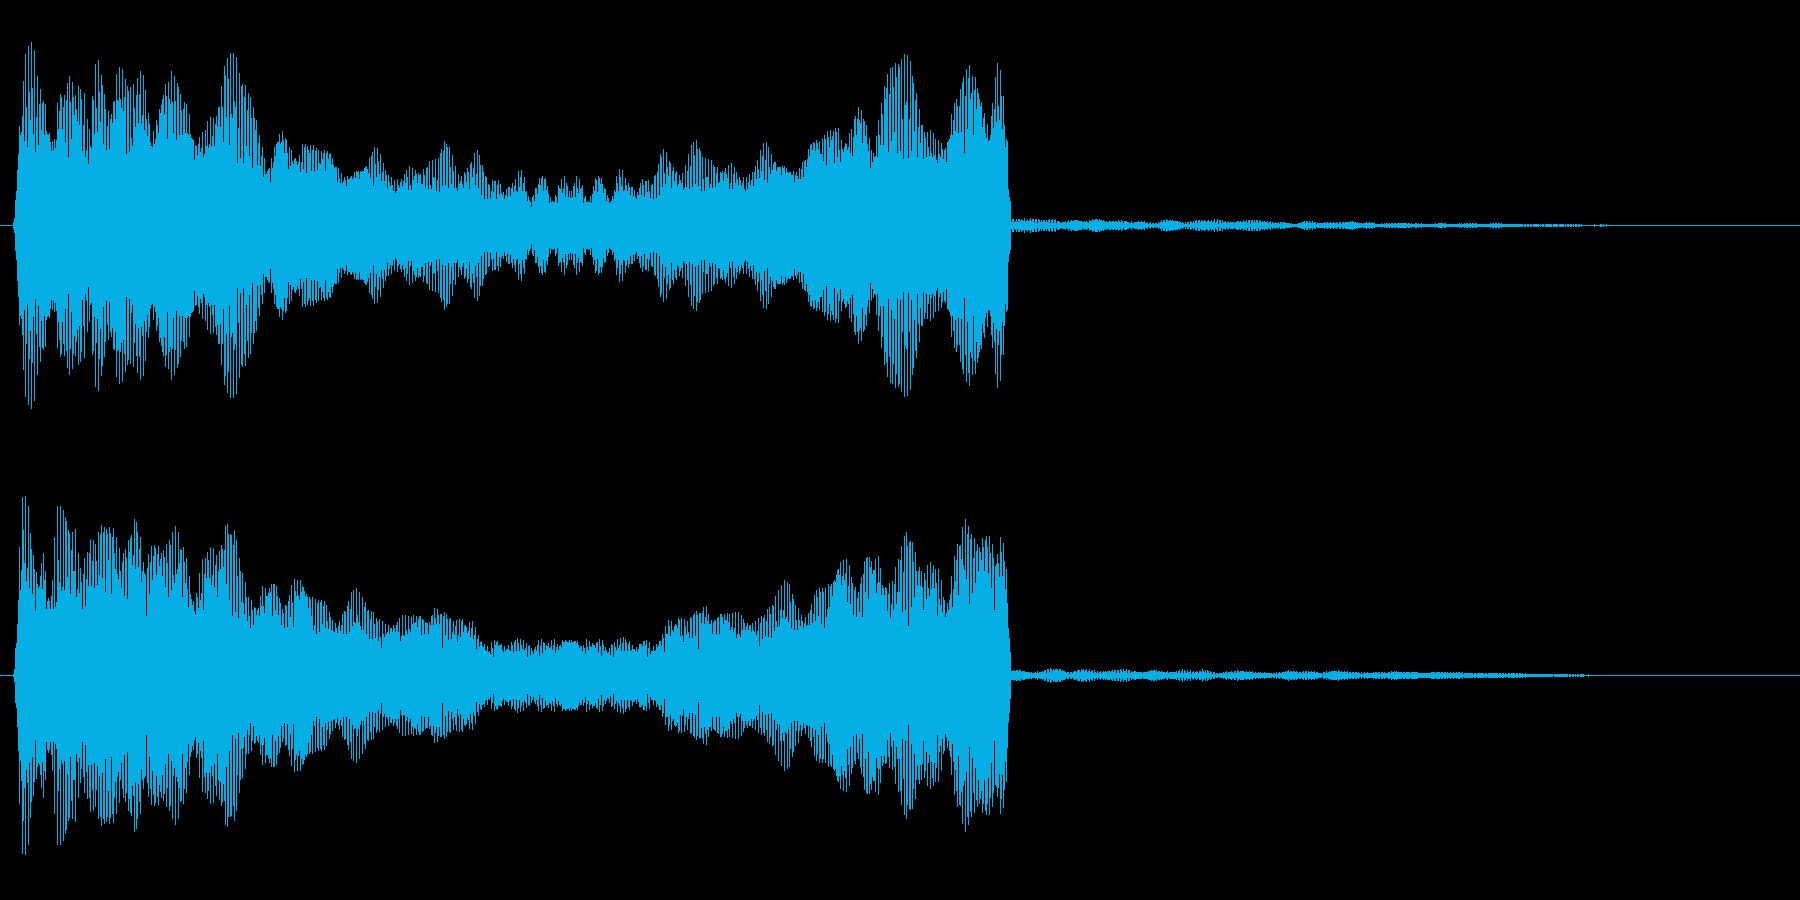 ピーーン (透明感のある発射音)の再生済みの波形